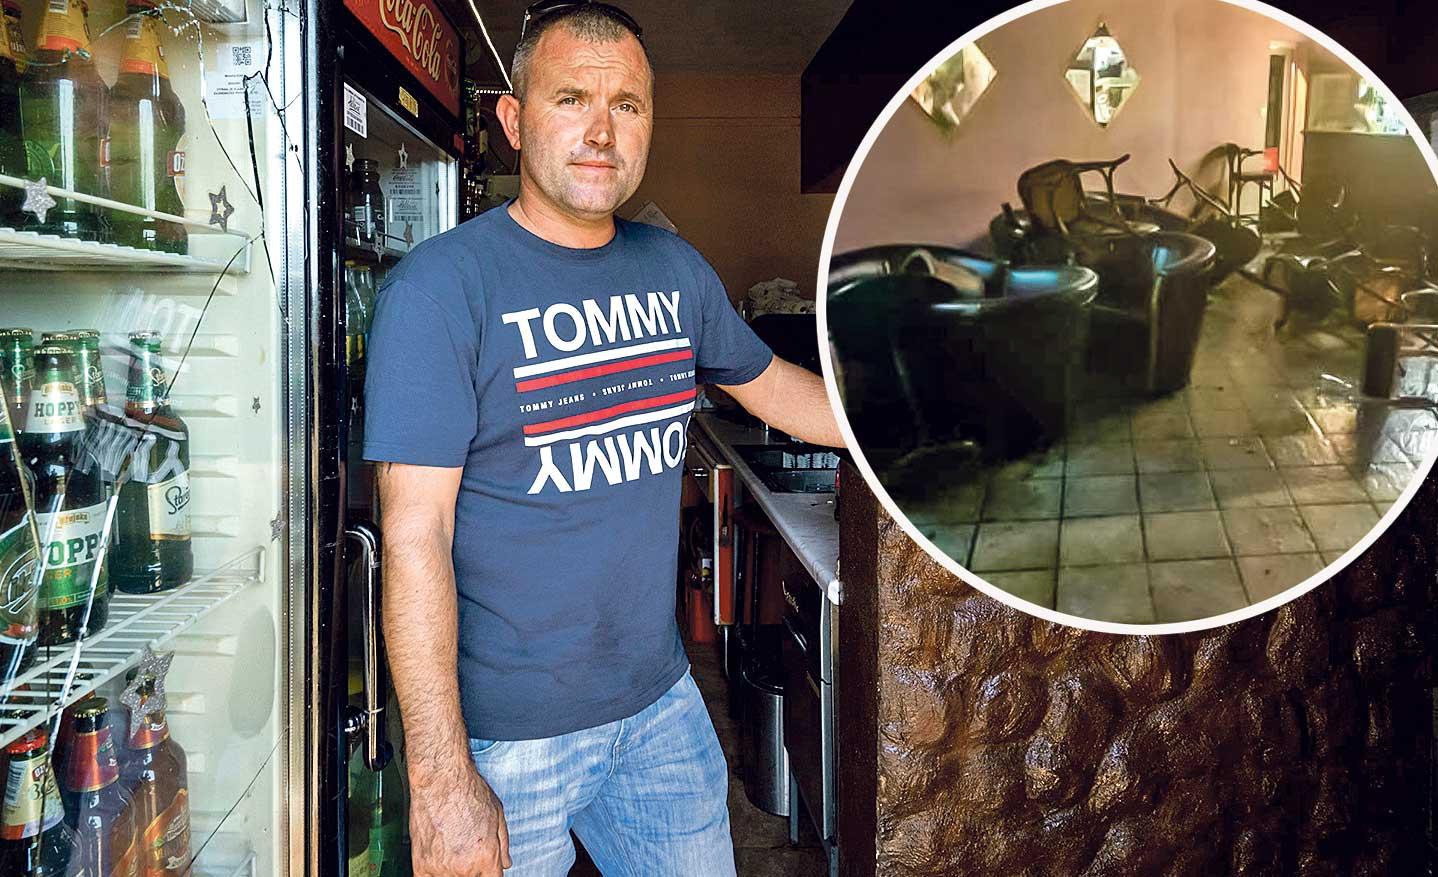 vlasnik kafića Boris Petko